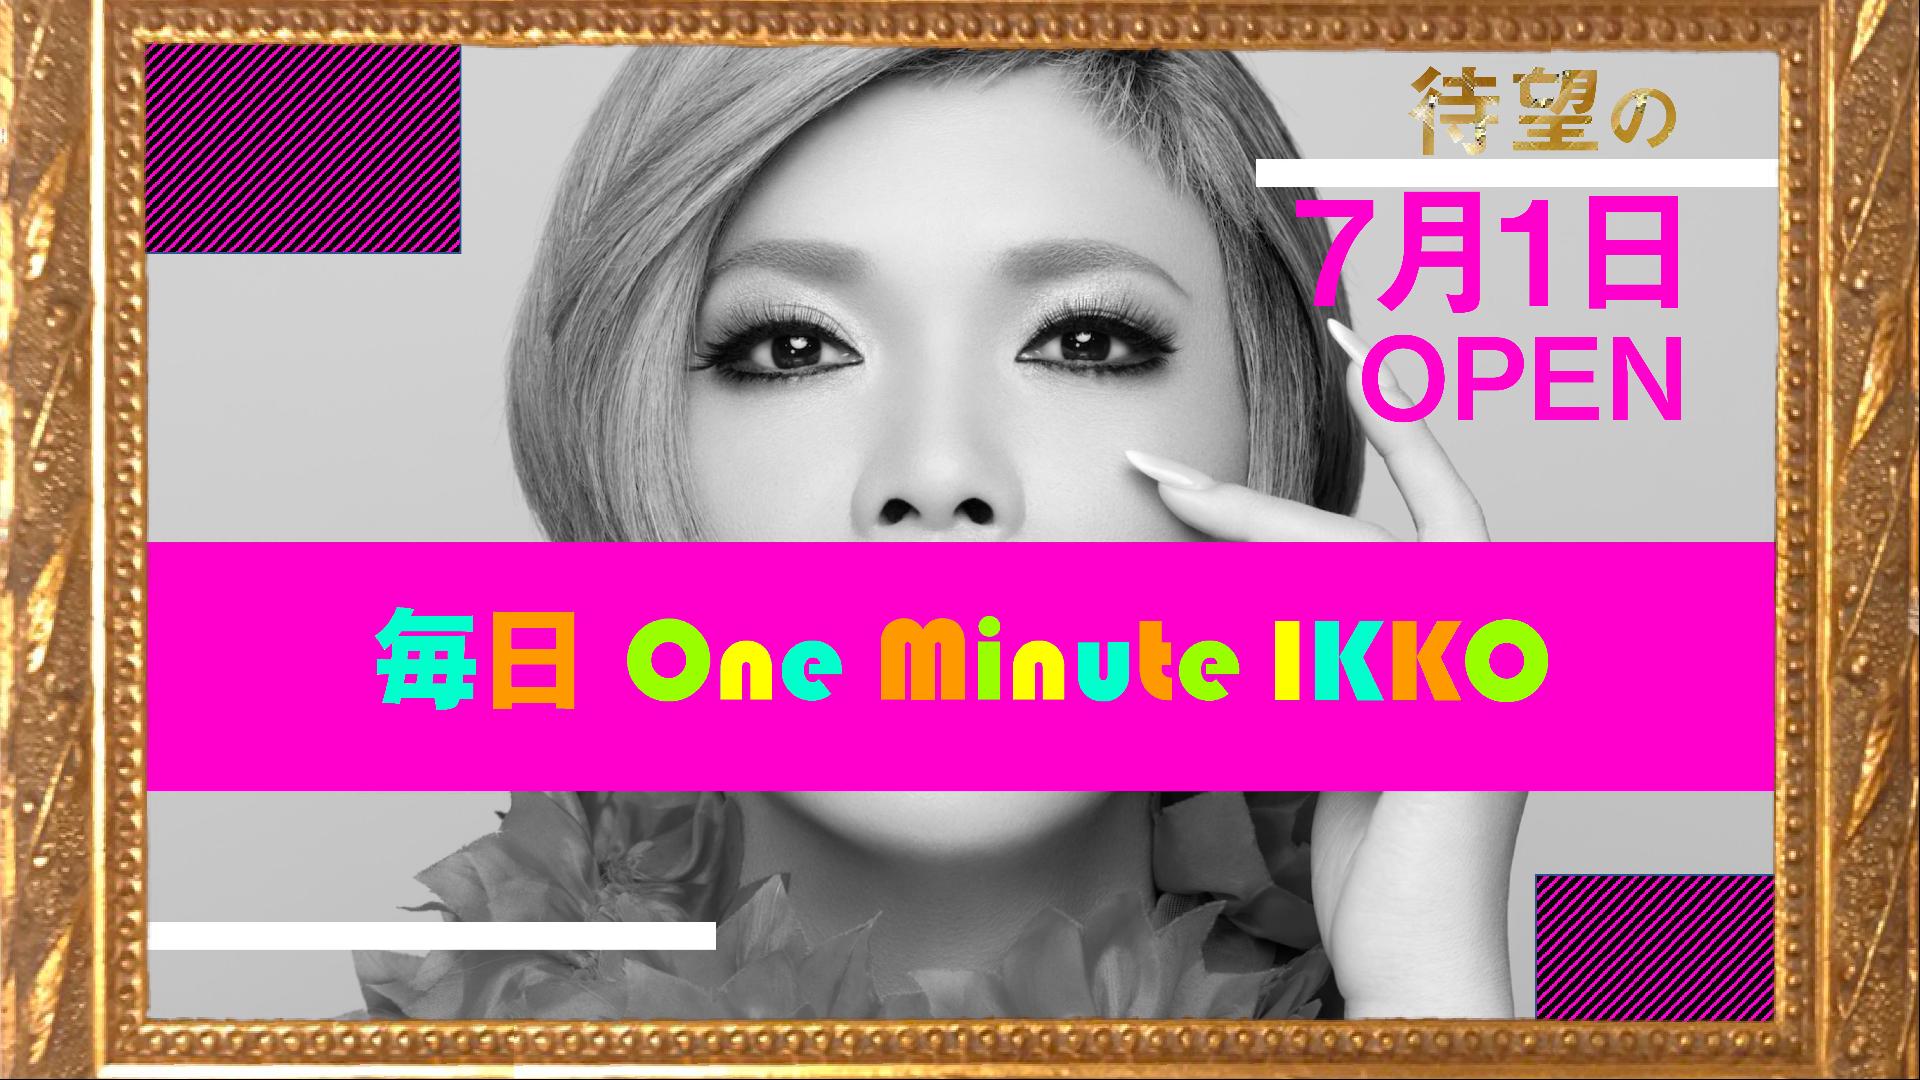 美容家・タレント IKKO - 毎日 One minute IKKO - DMM オンラインサロン